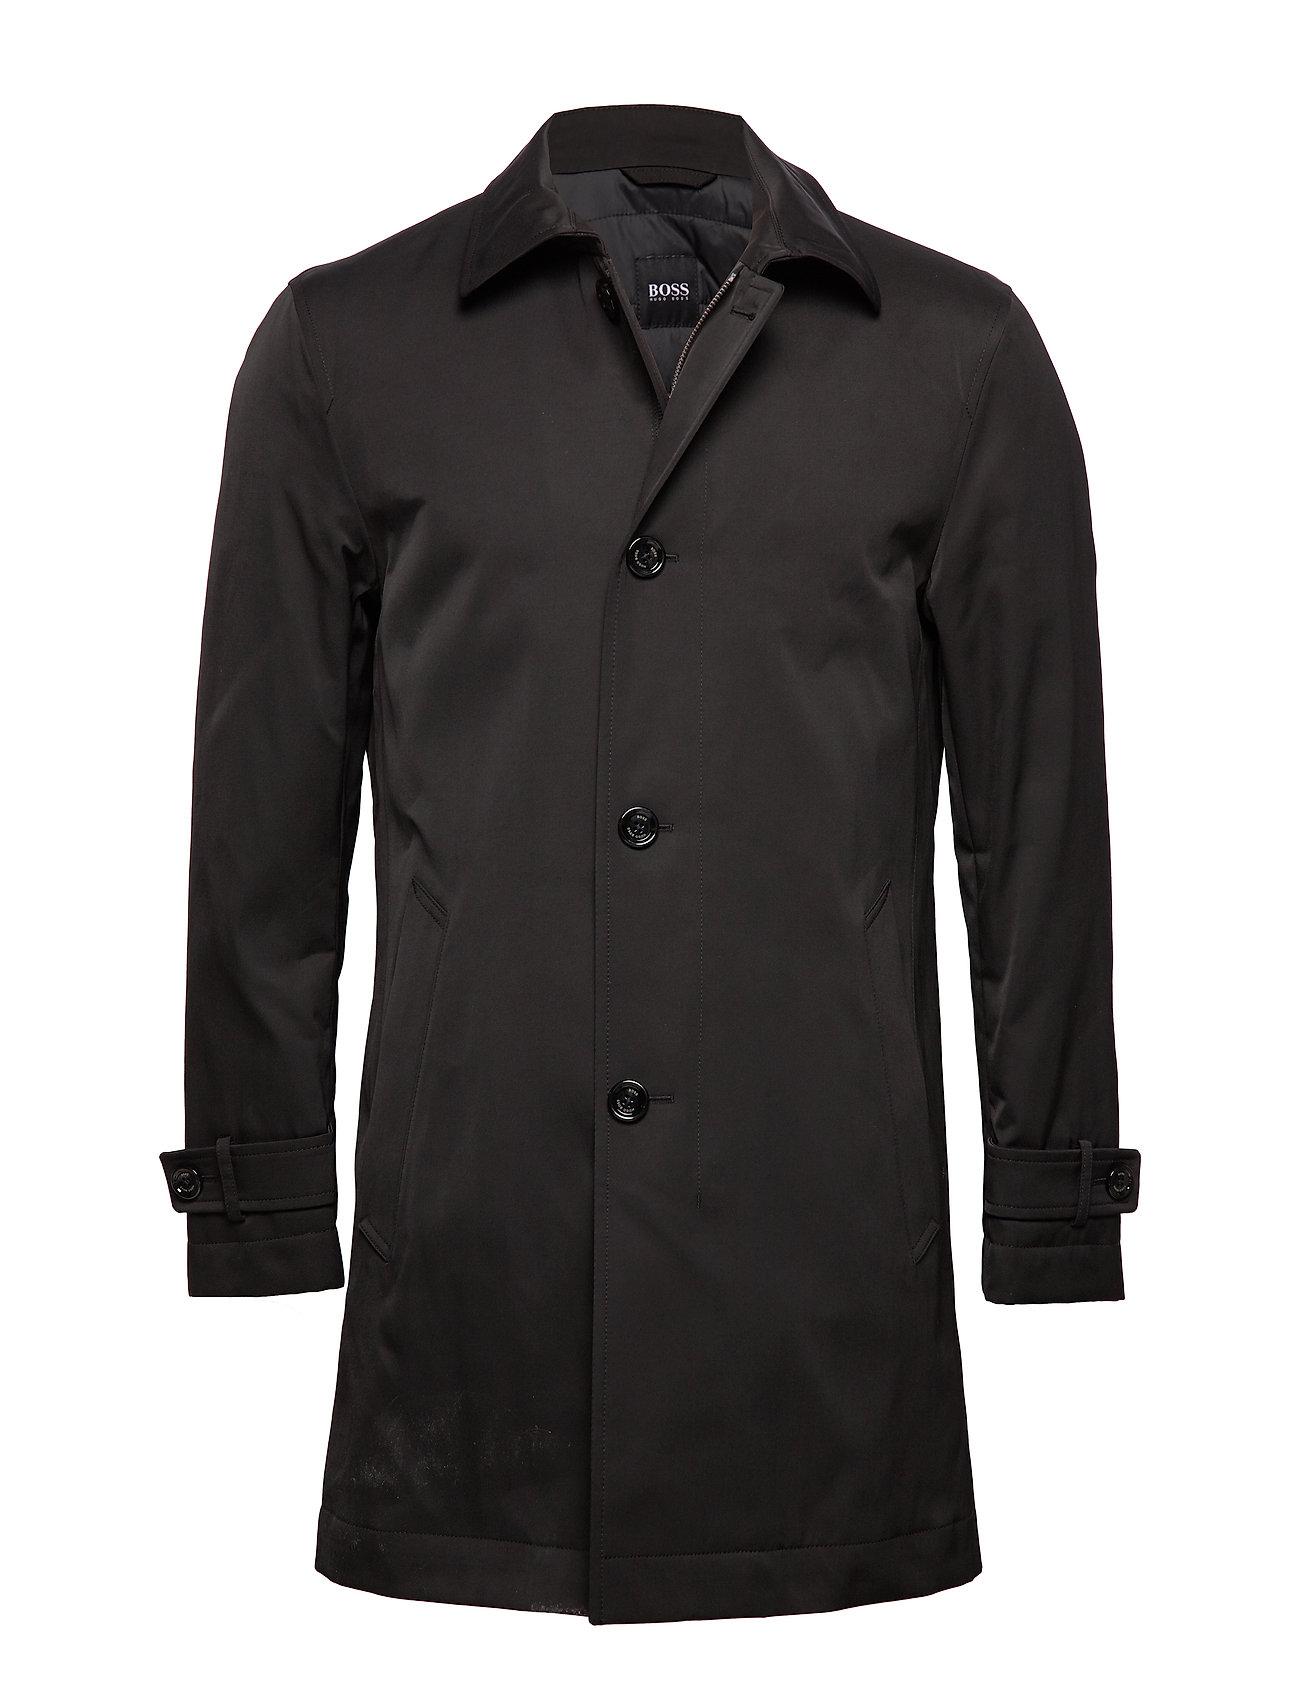 BOSS Business Wear Dain2 - BLACK